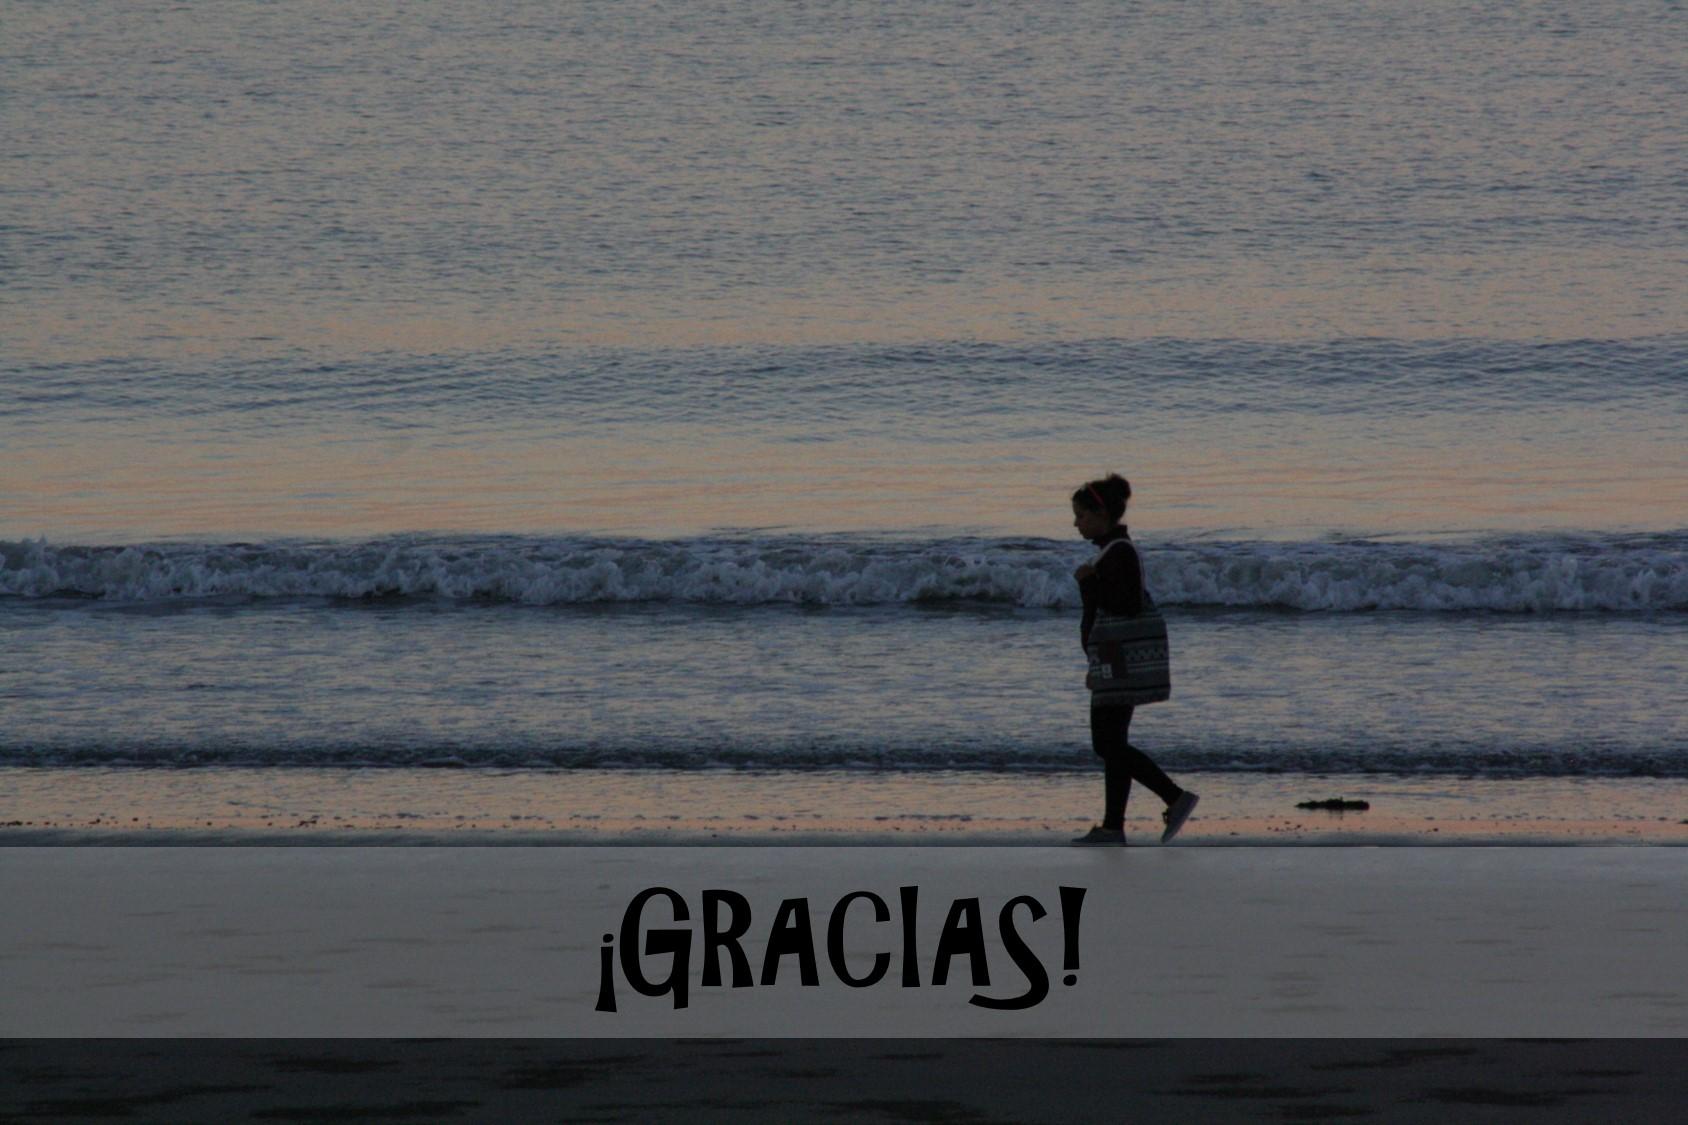 gracias blog de viajes